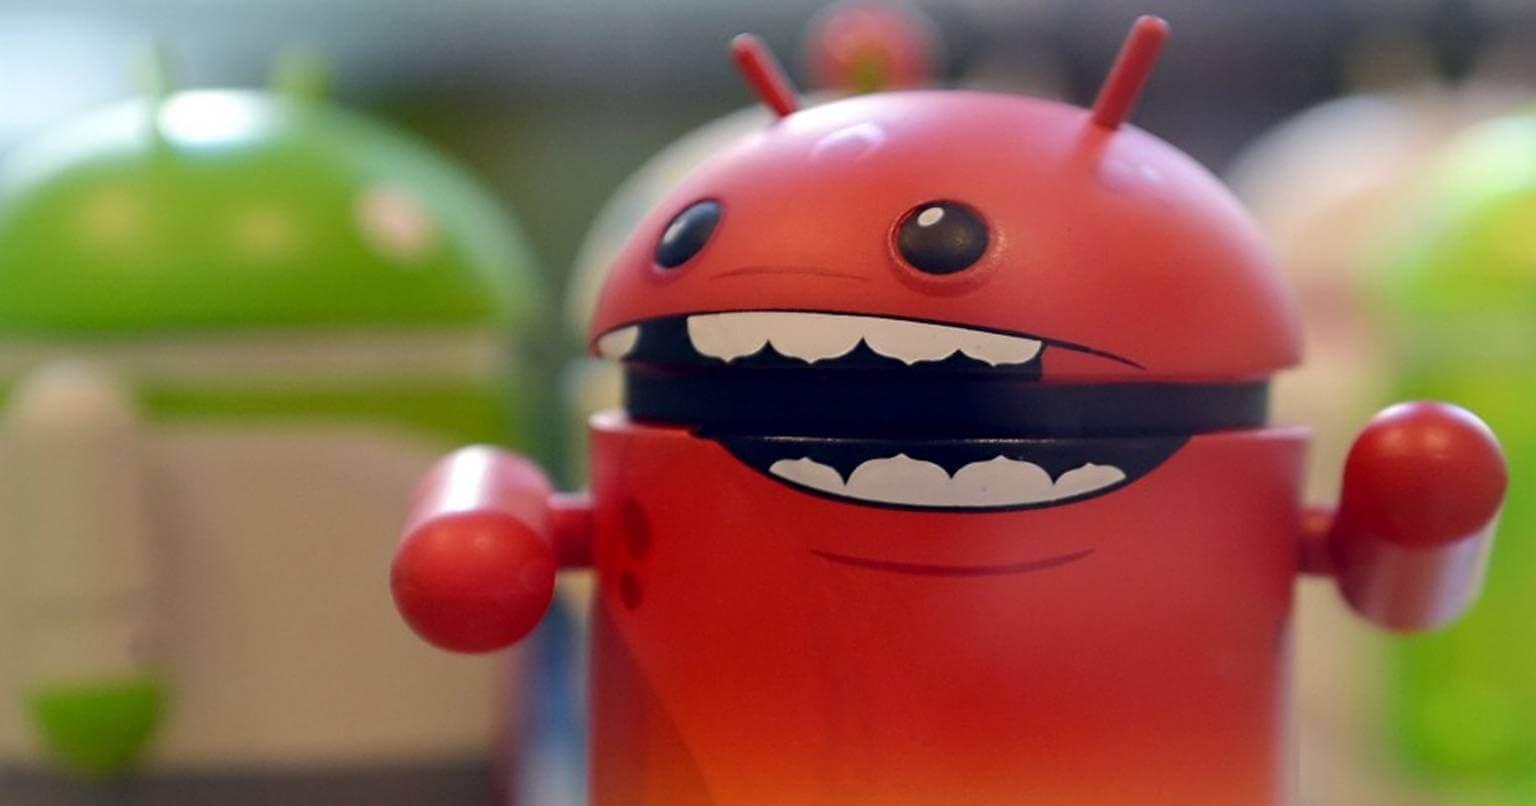 androidbug